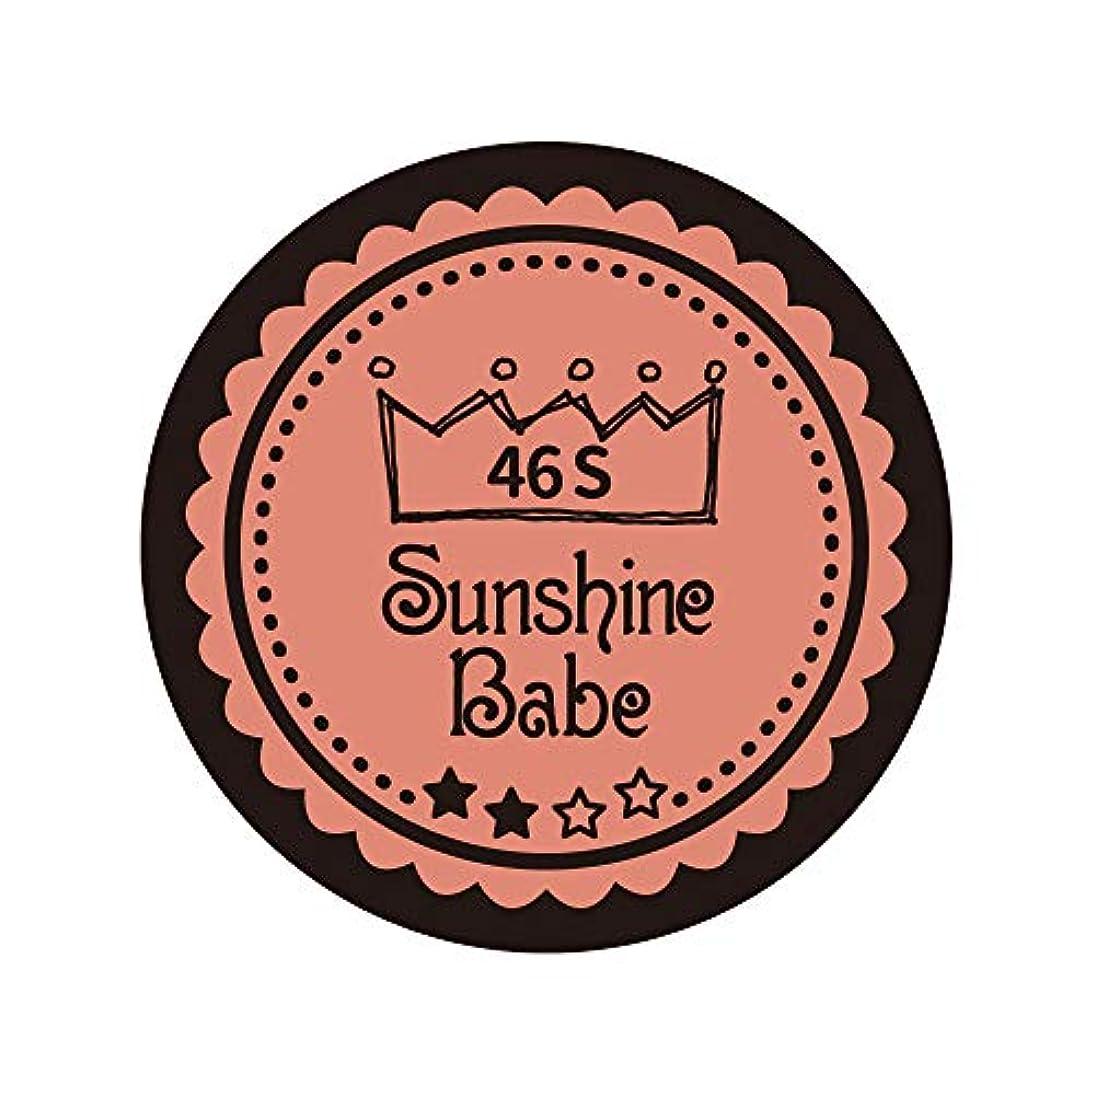 アンティークかわす衰えるSunshine Babe カラージェル 46S ピンクベージュ 2.7g UV/LED対応